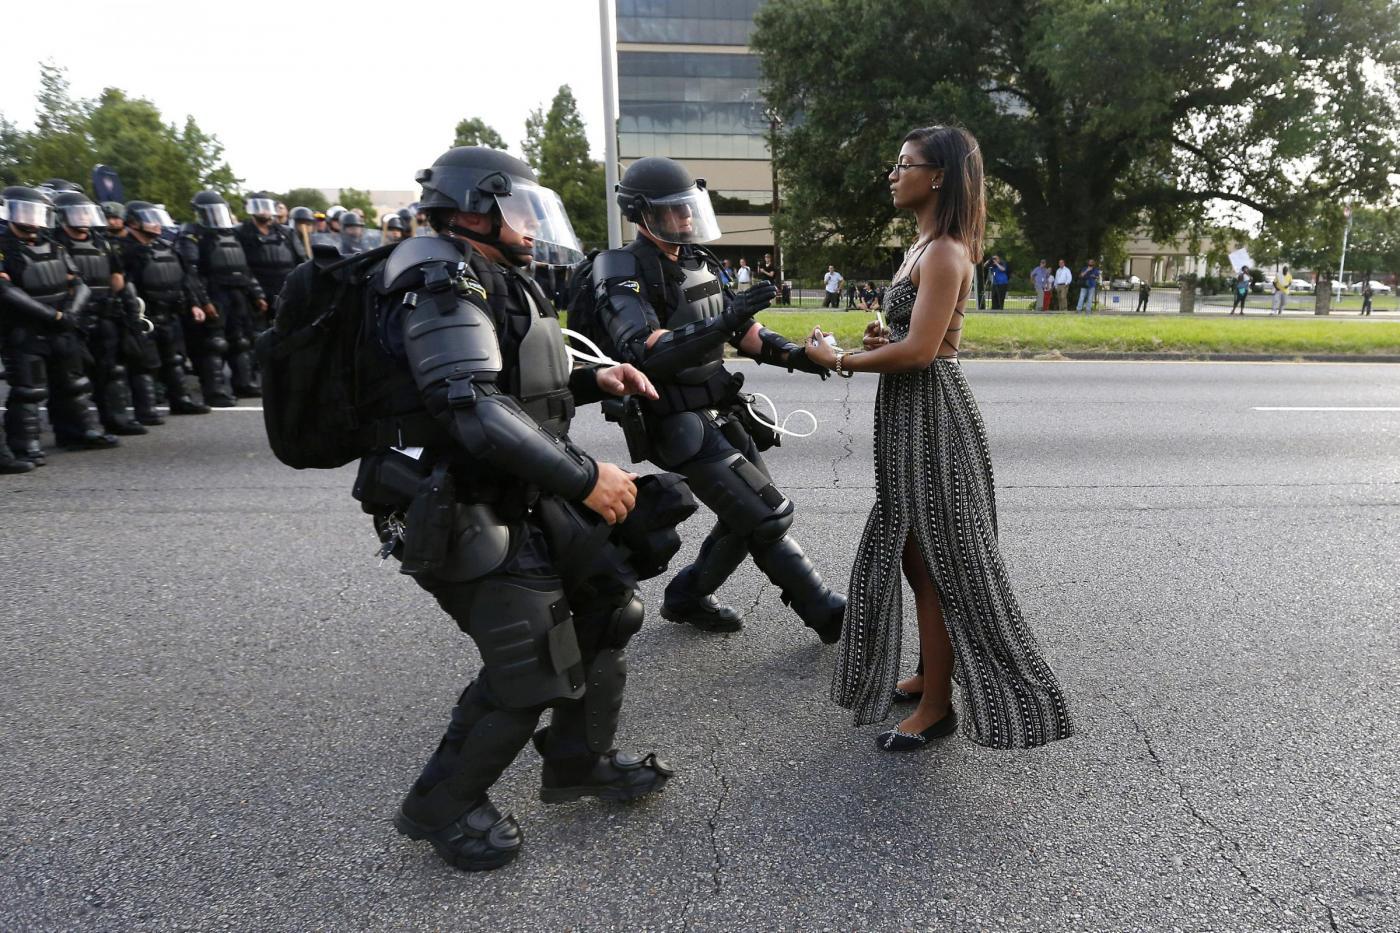 Ieshia Evans, chi è la donna della foto simbolo delle proteste negli USA